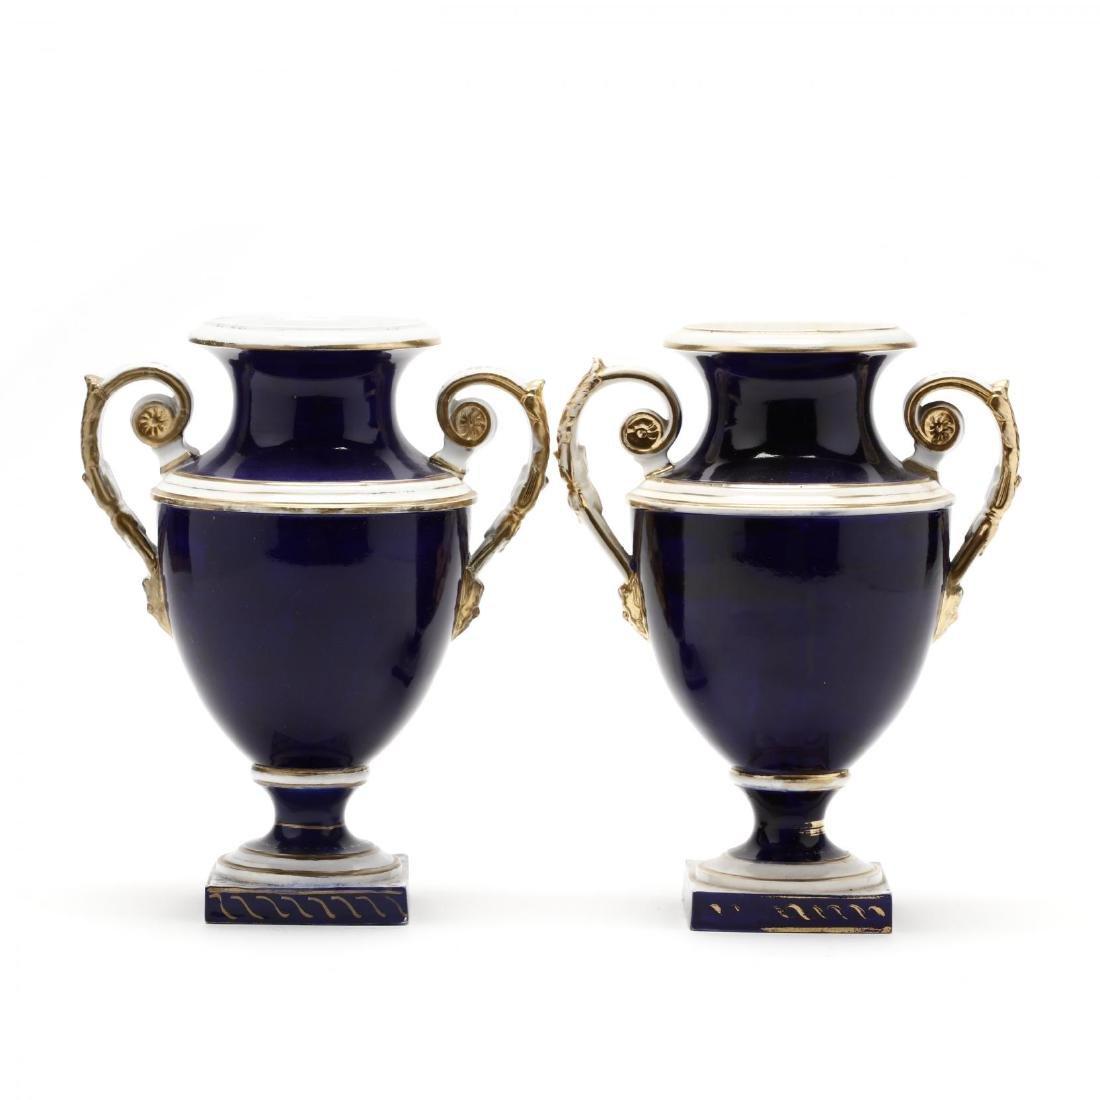 Bloor Derby, Pair of Mantle Urns - 2